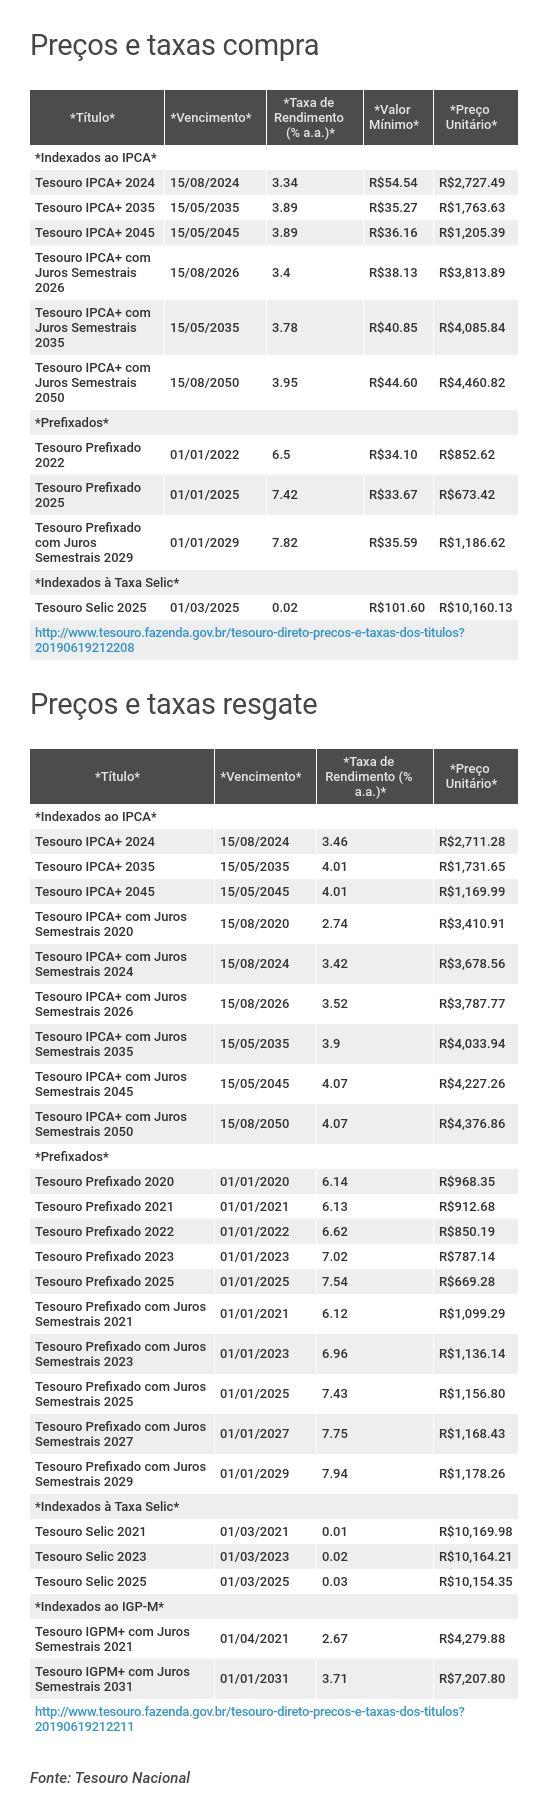 Preços e taxas do Tesouro Direto em 19 de junho de 2019 - fechamento